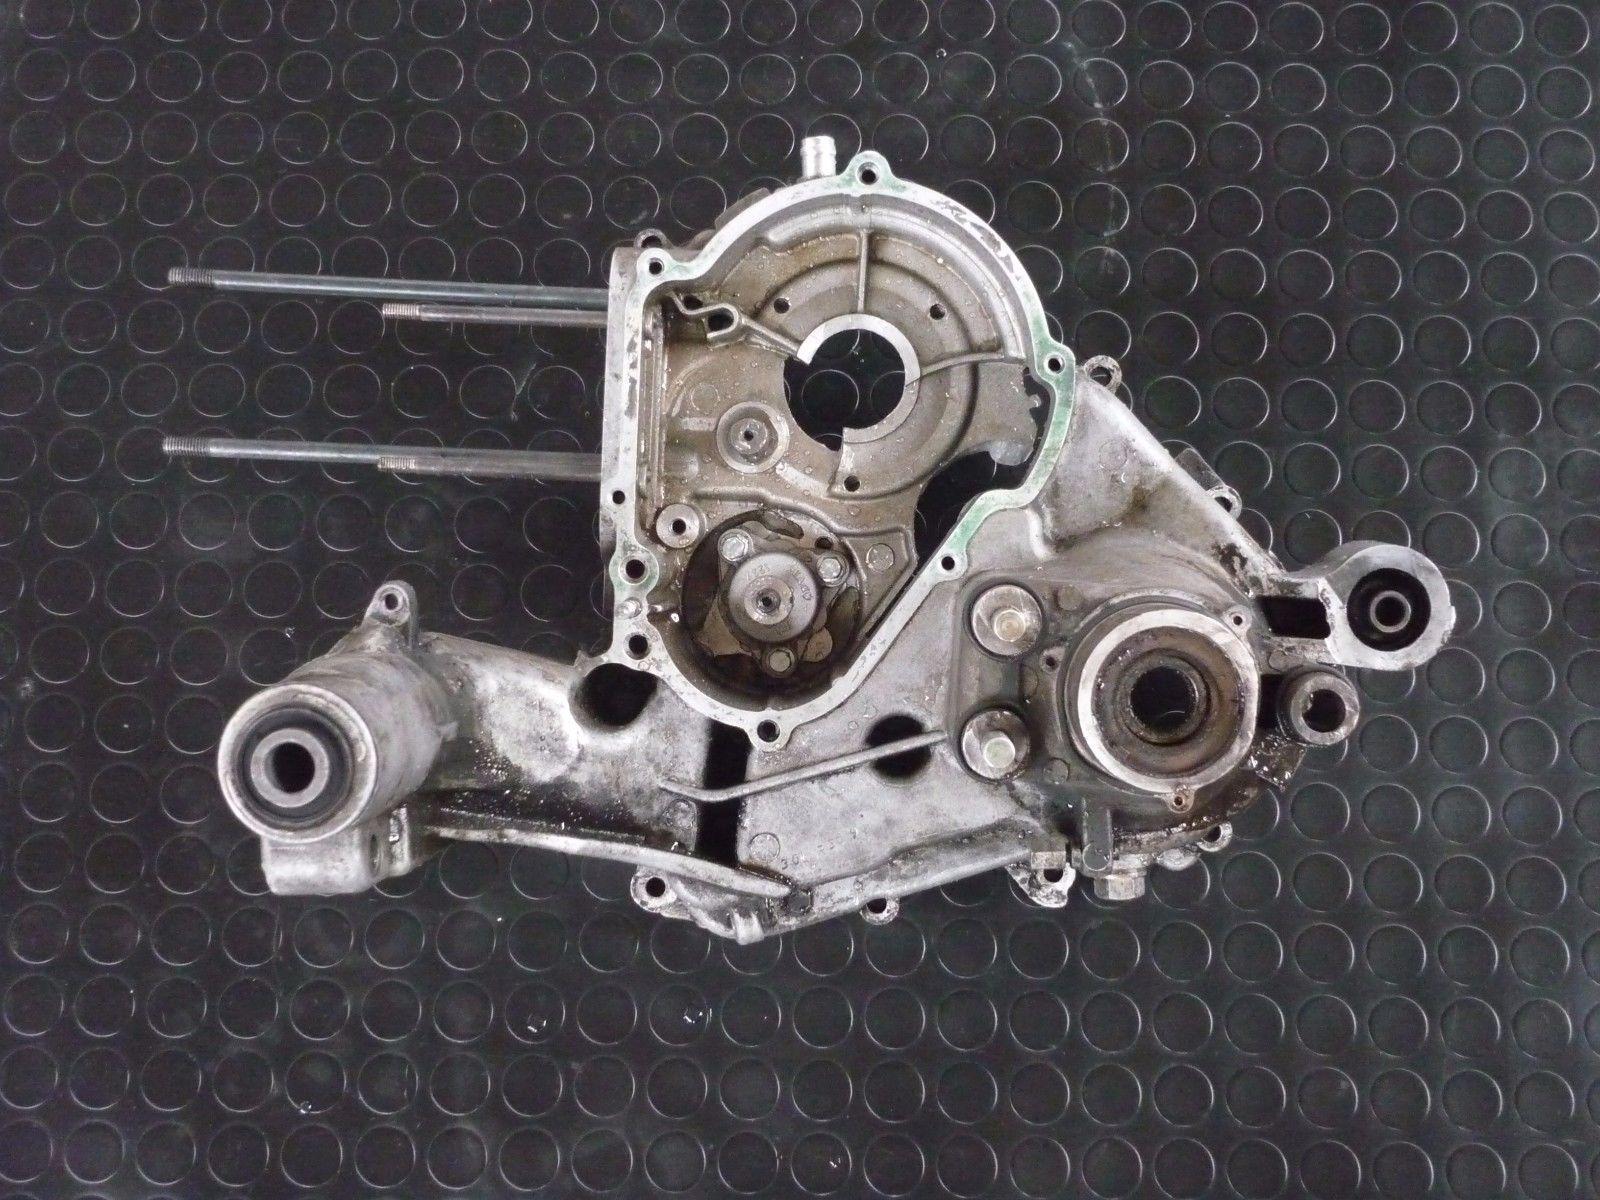 carter motore sx per lml px 150 4t del  2010